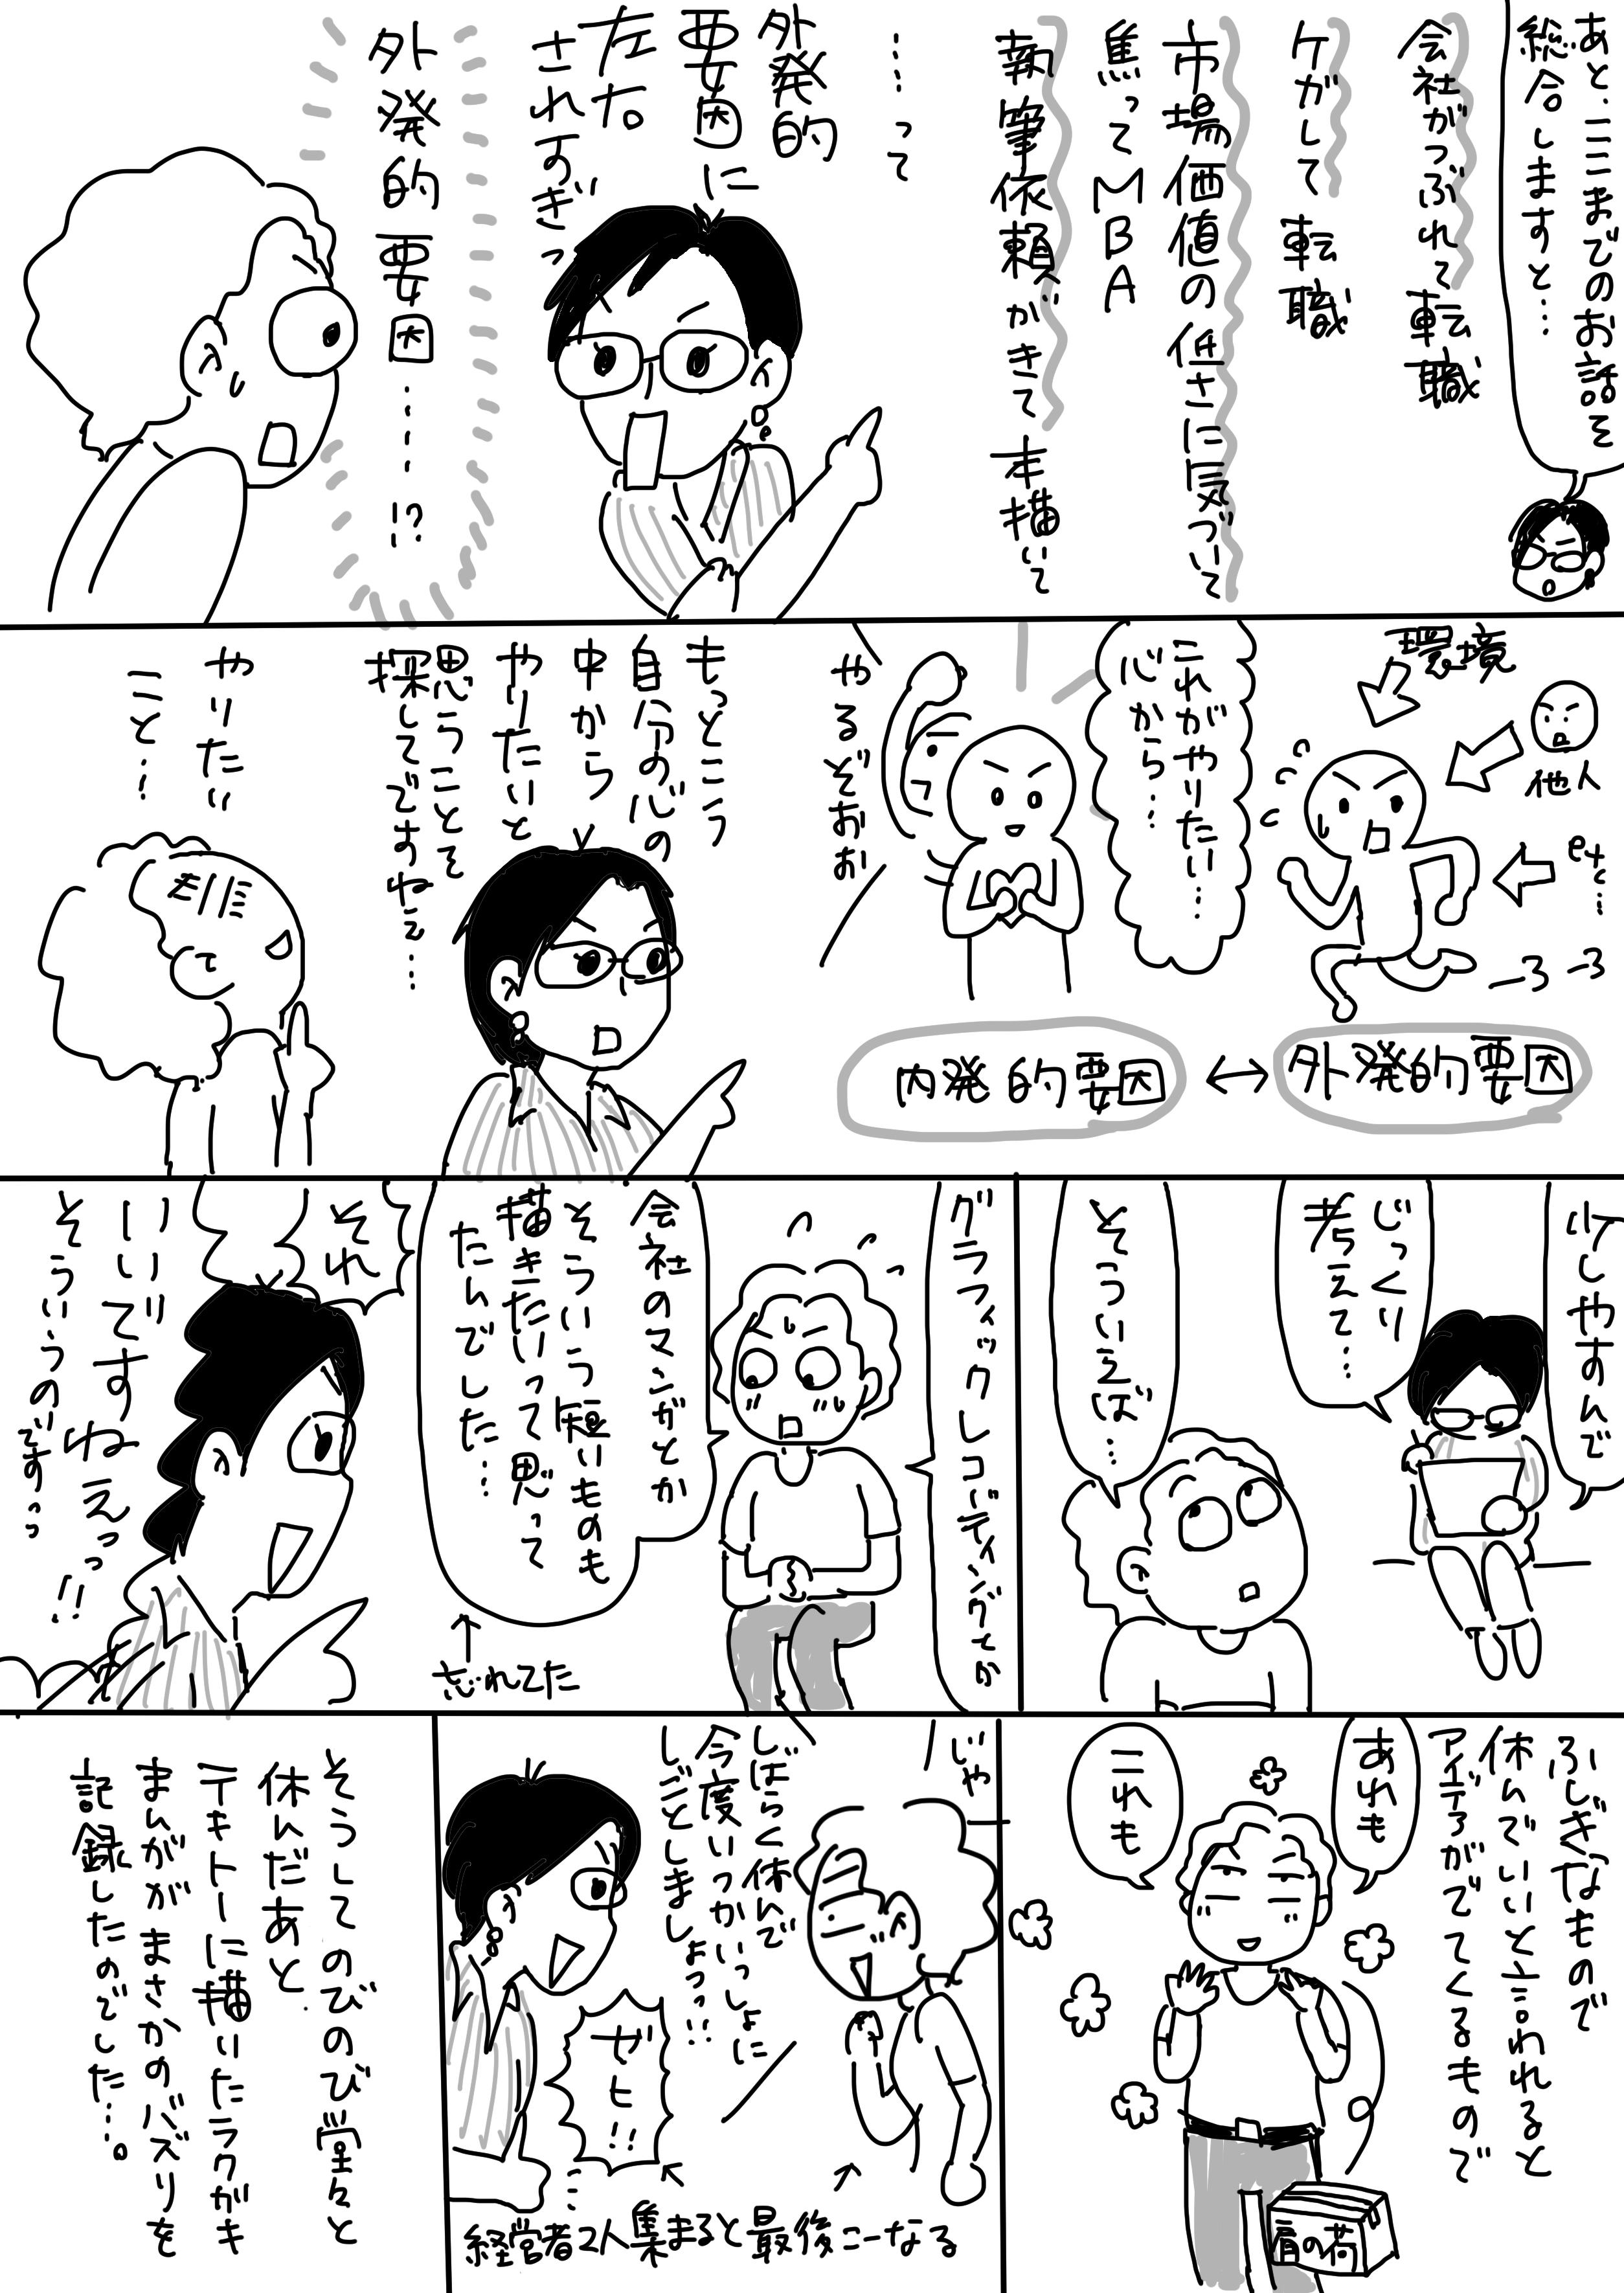 コミック9_出力_003